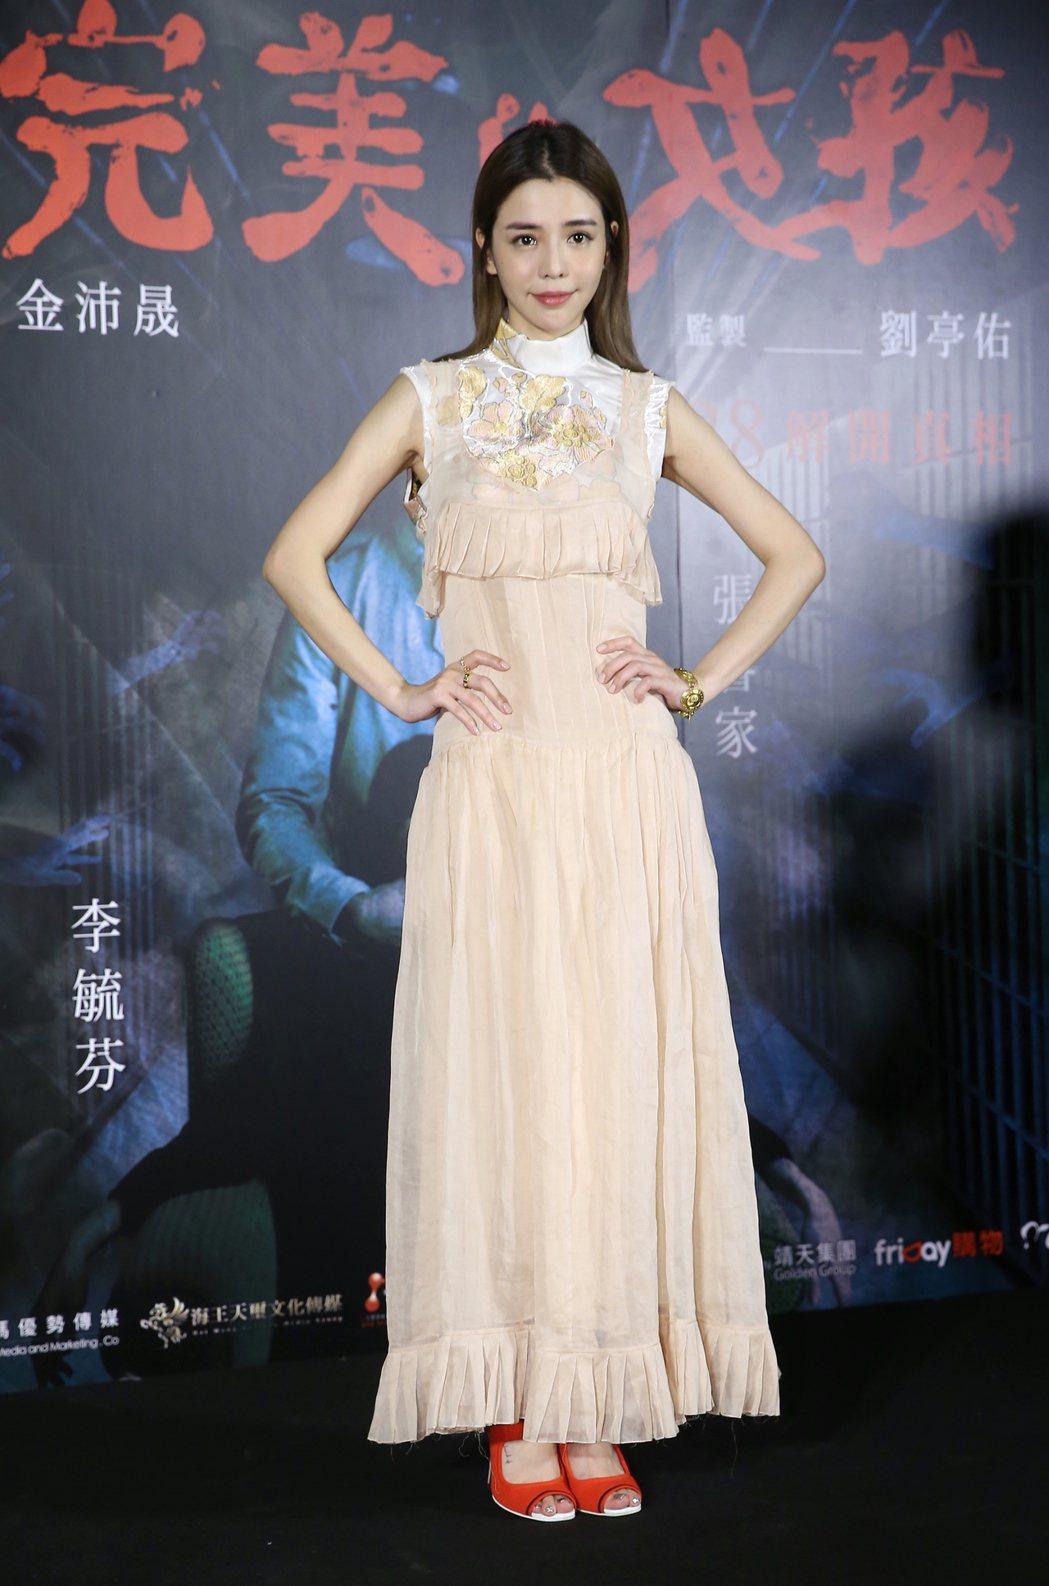 電影「最完美的女孩」27日晚舉行首映會,女主角李毓芬等人出席。記者高彬原/攝影